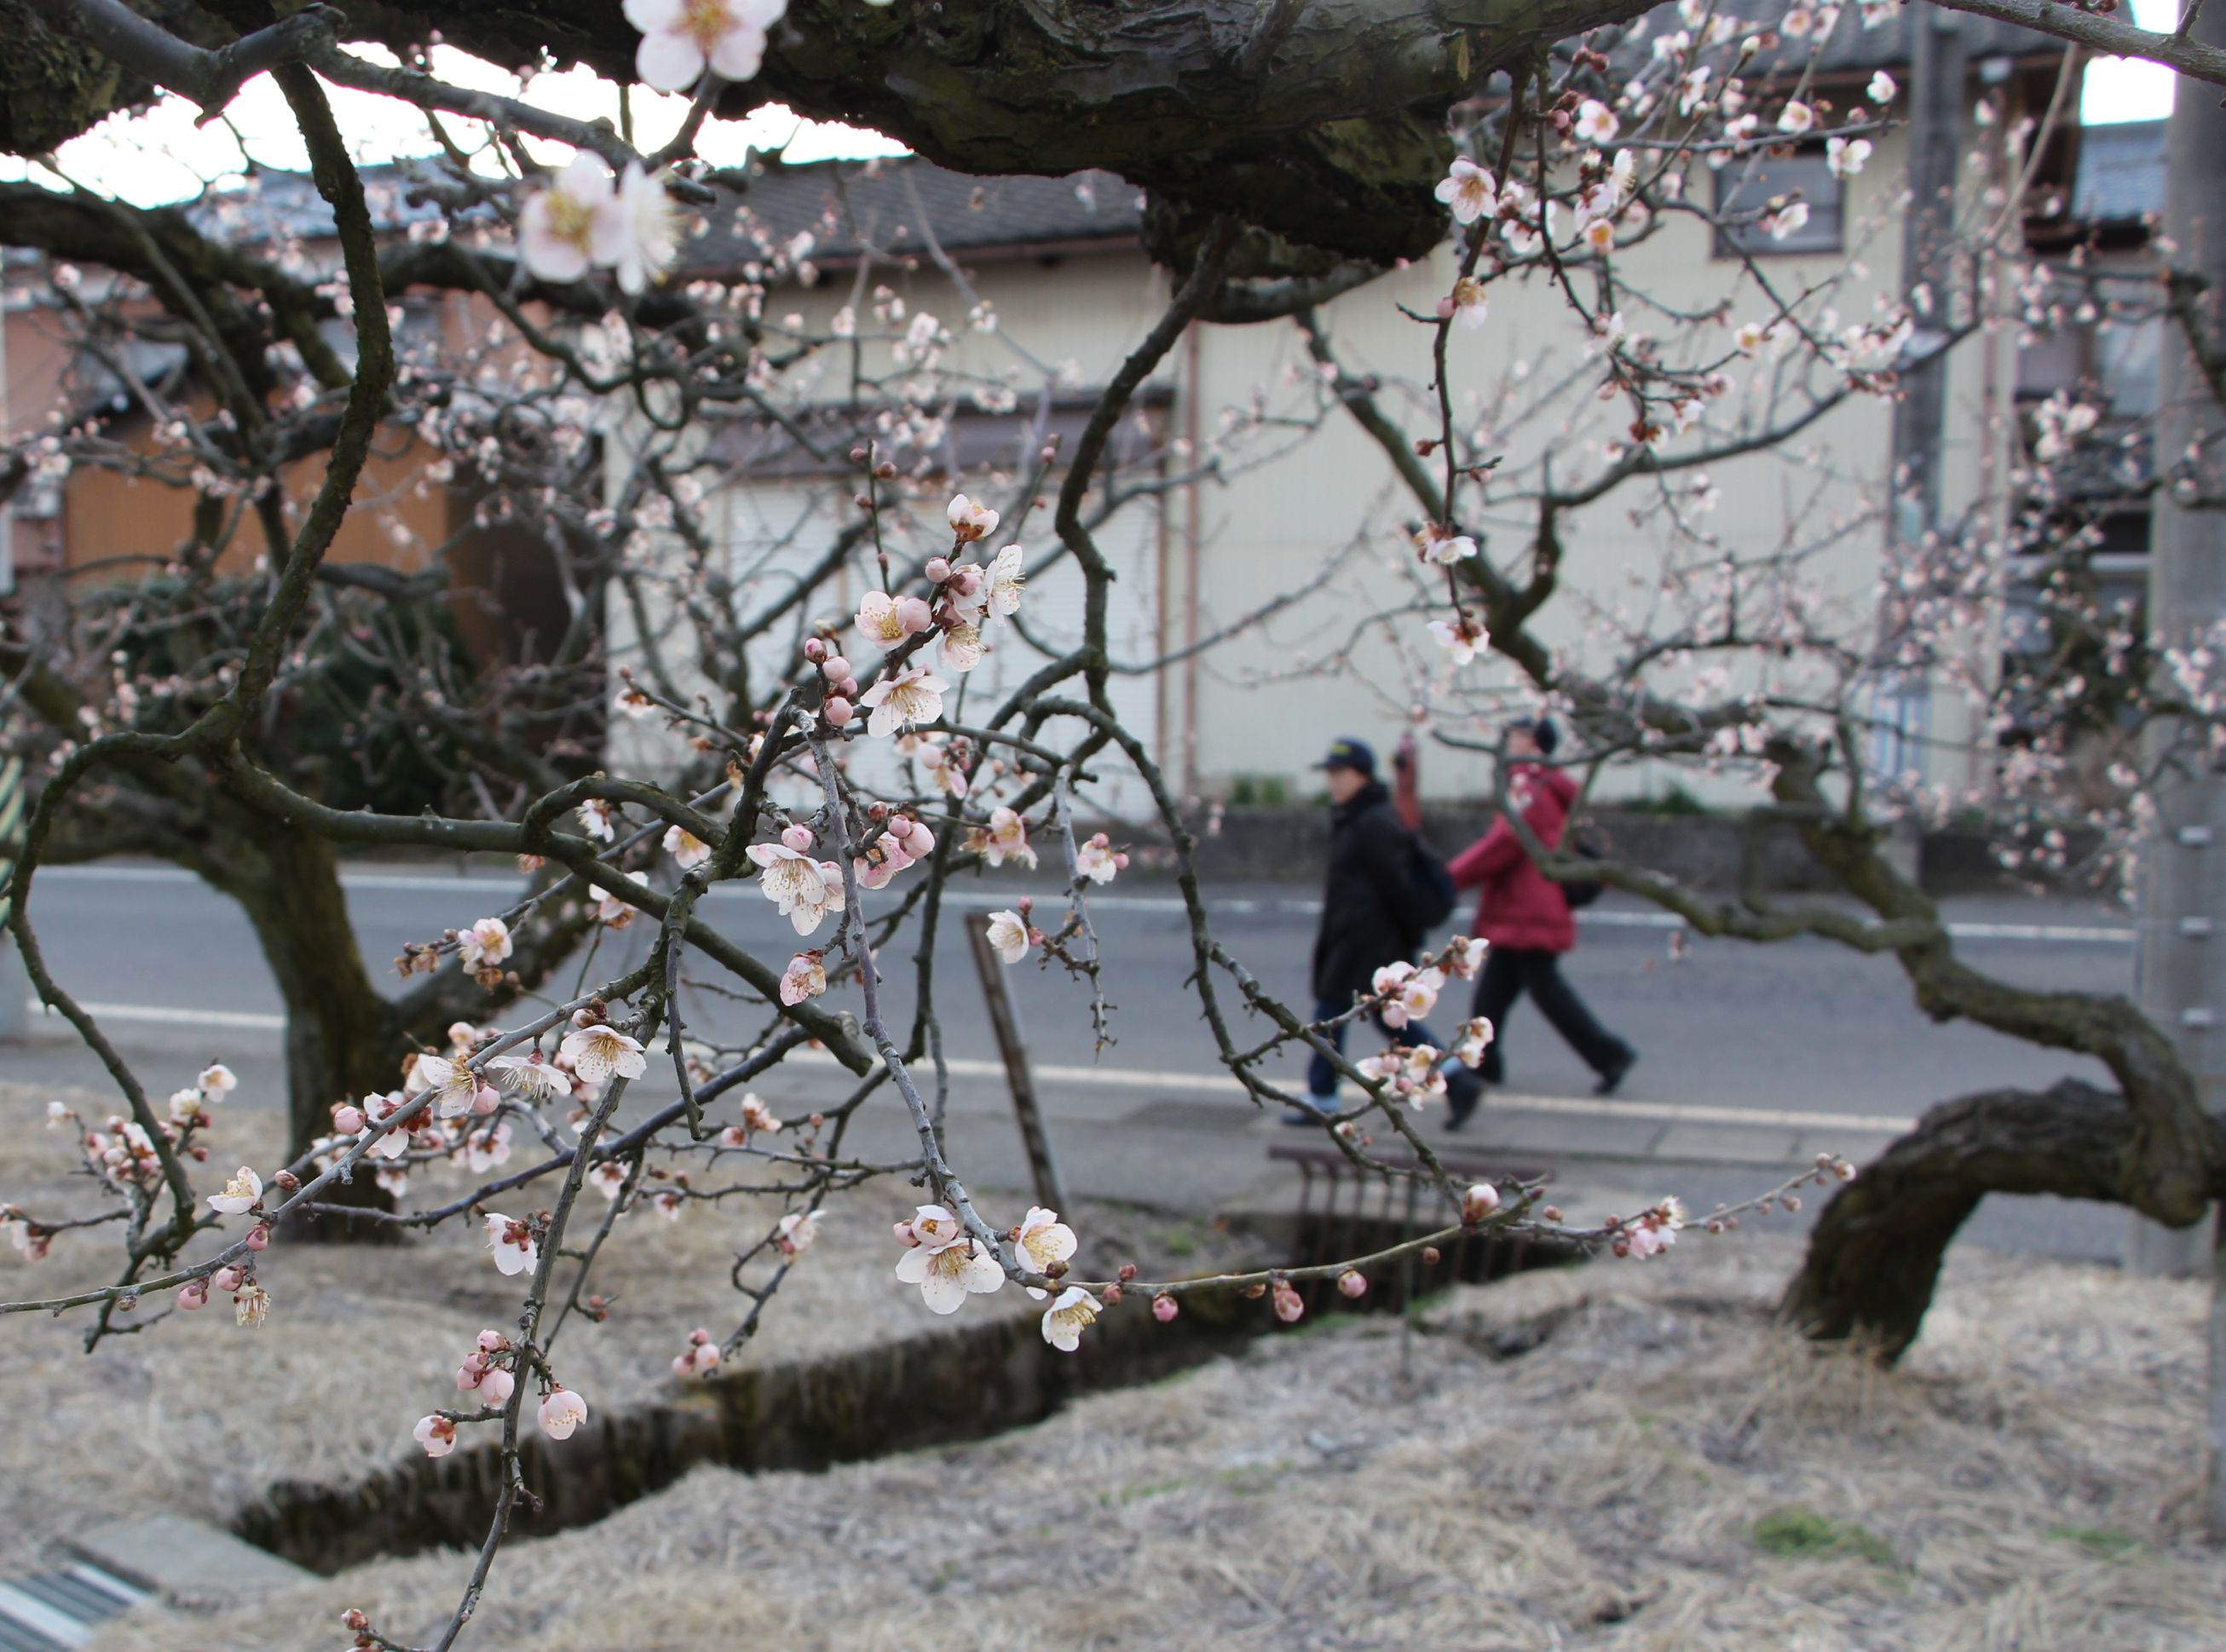 亀田地区に春の訪れを告げる梅の花=新潟市江南区茨曽根